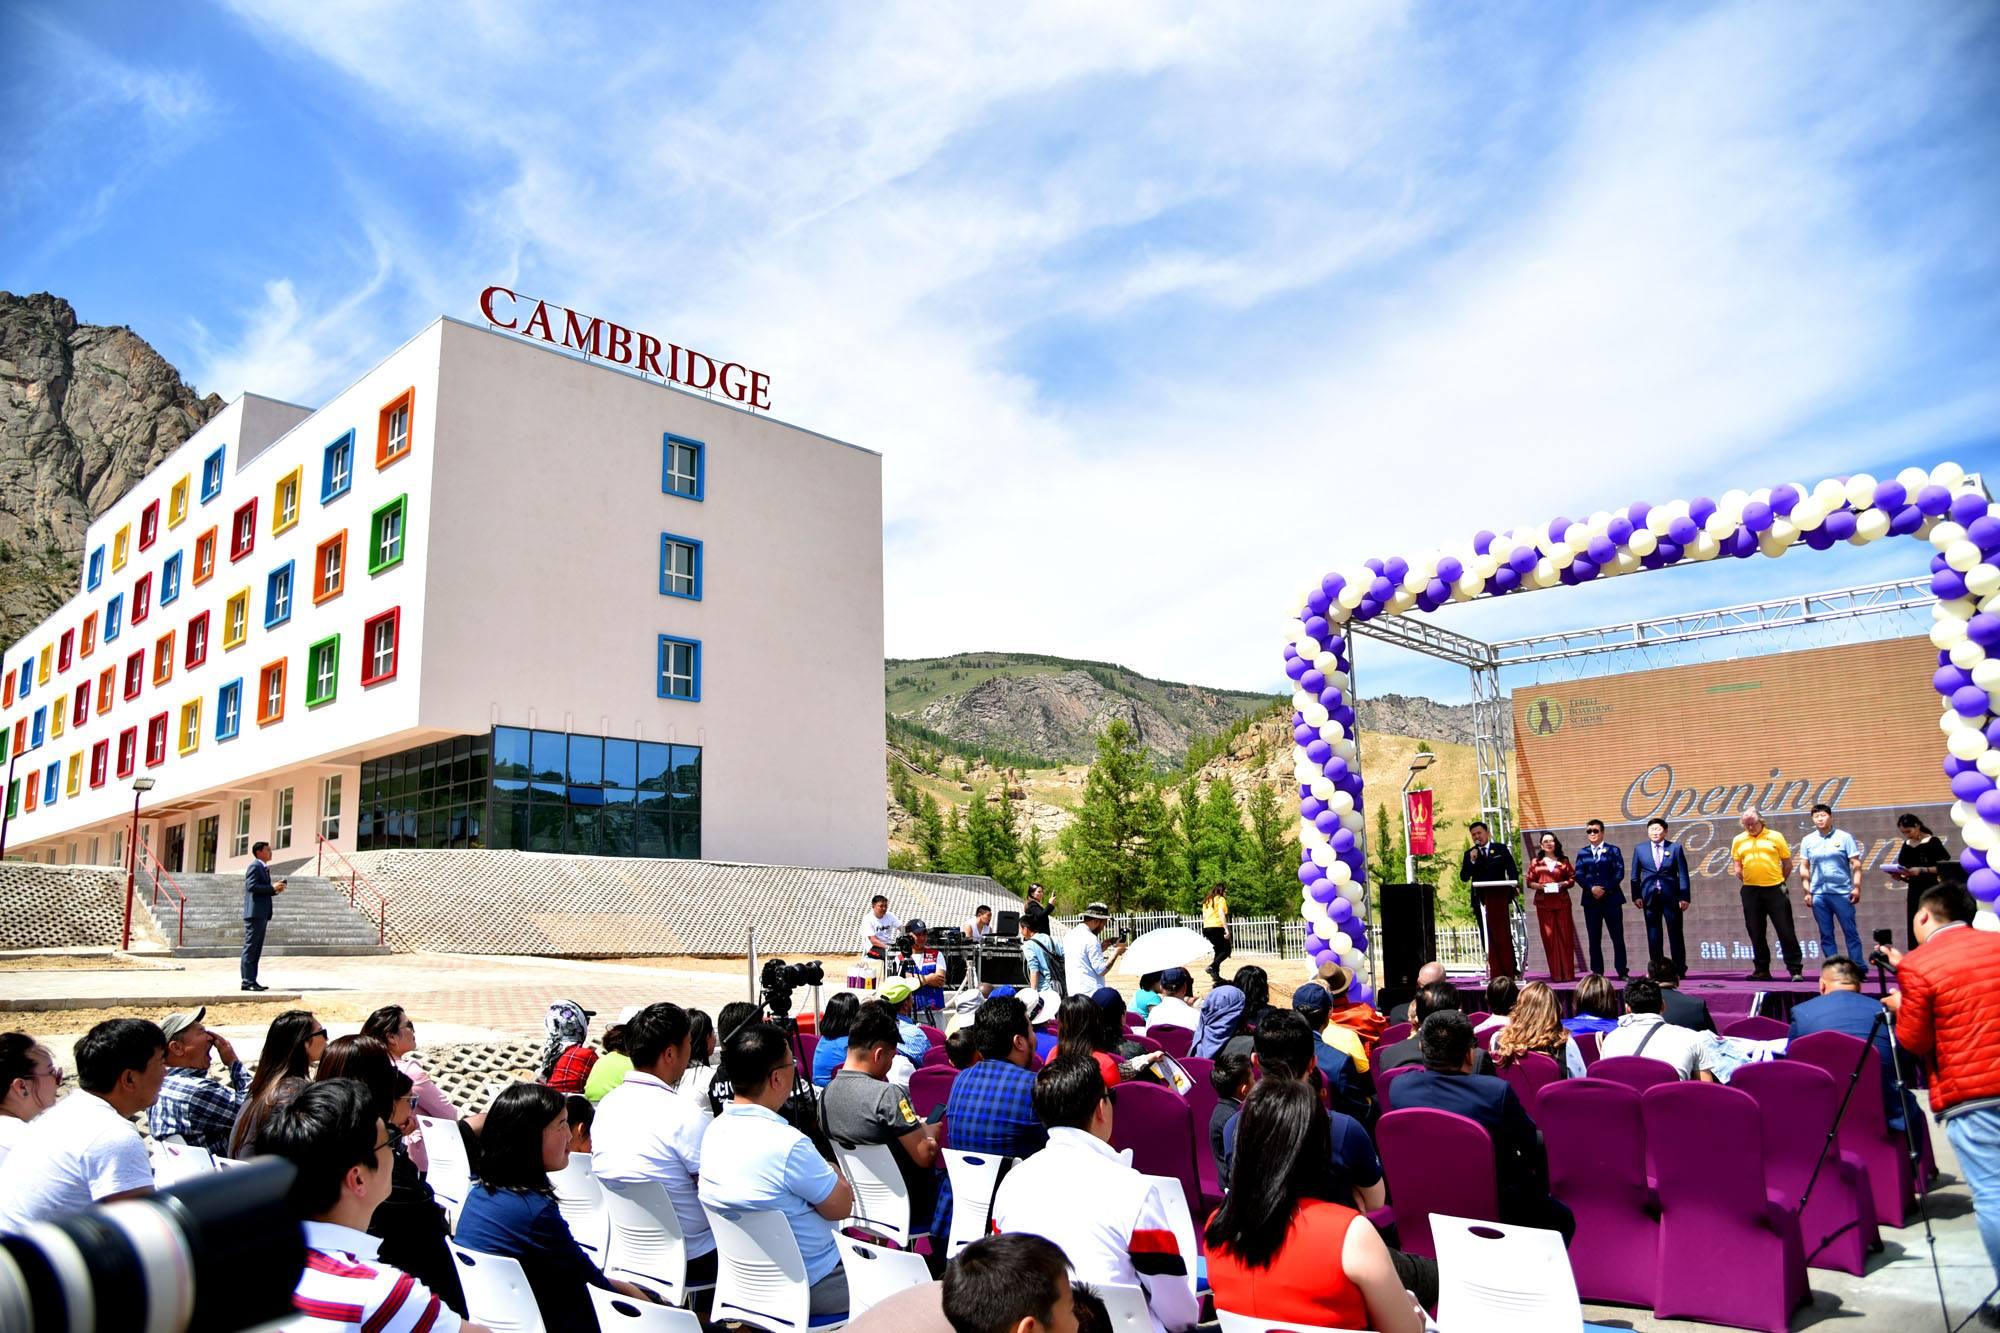 """Монголын анхны эко кампустай, Кембриджийн хөтөлбөрийг хэрэгжүүлэгч  """"Terelj Boarding school"""" нээлтээ хийлээ"""